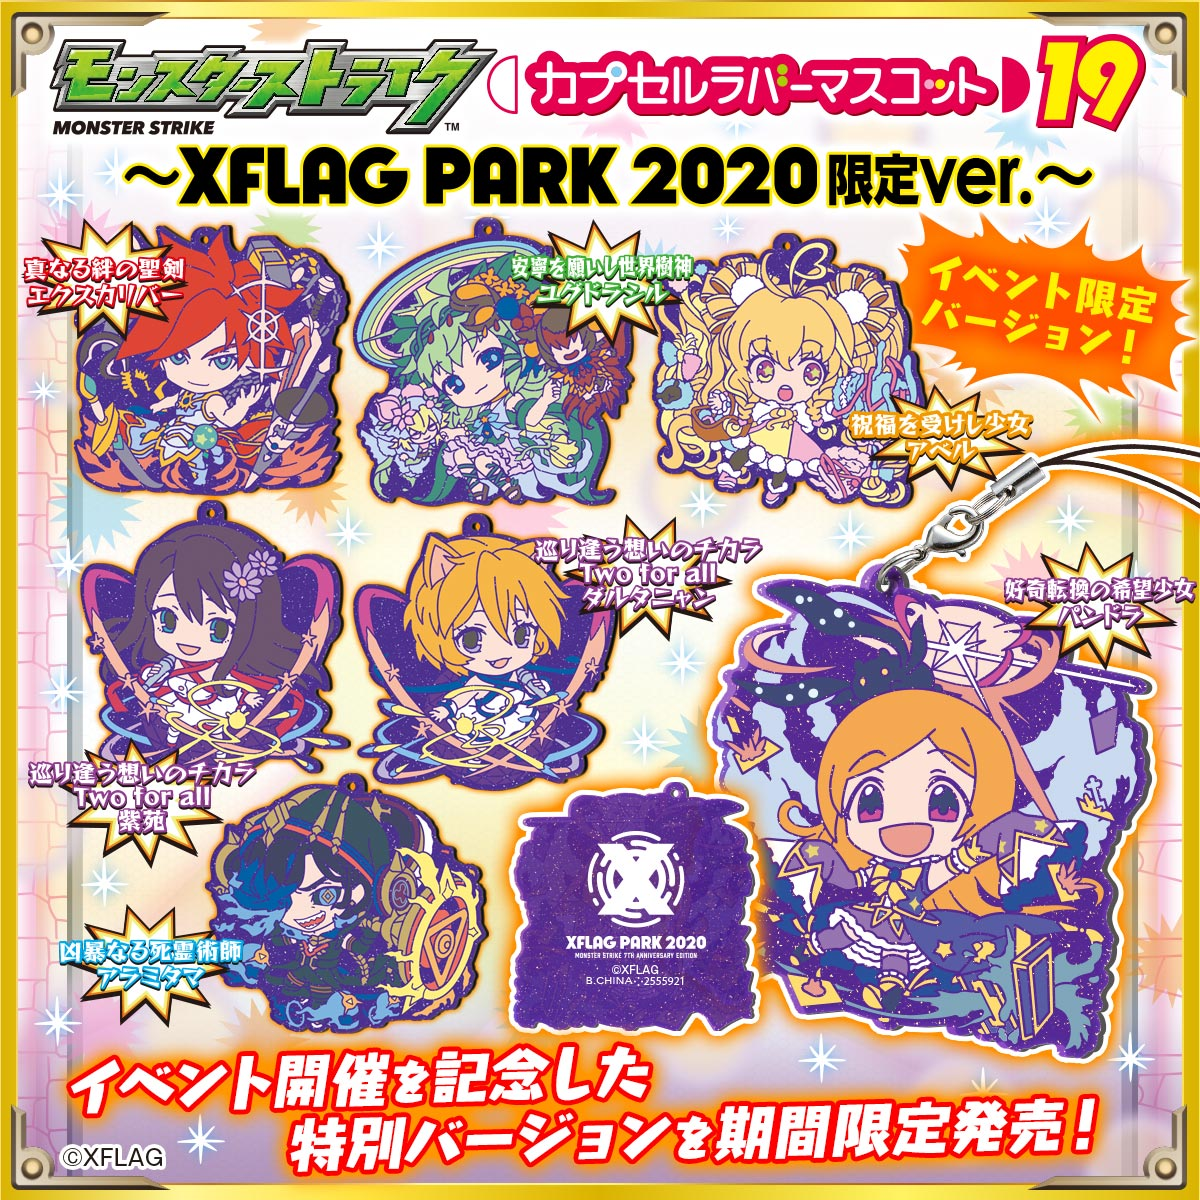 【モンスト】ラバマス~XFLAG PARK 2020限定ver.~期間限定販売中!【フラパ】